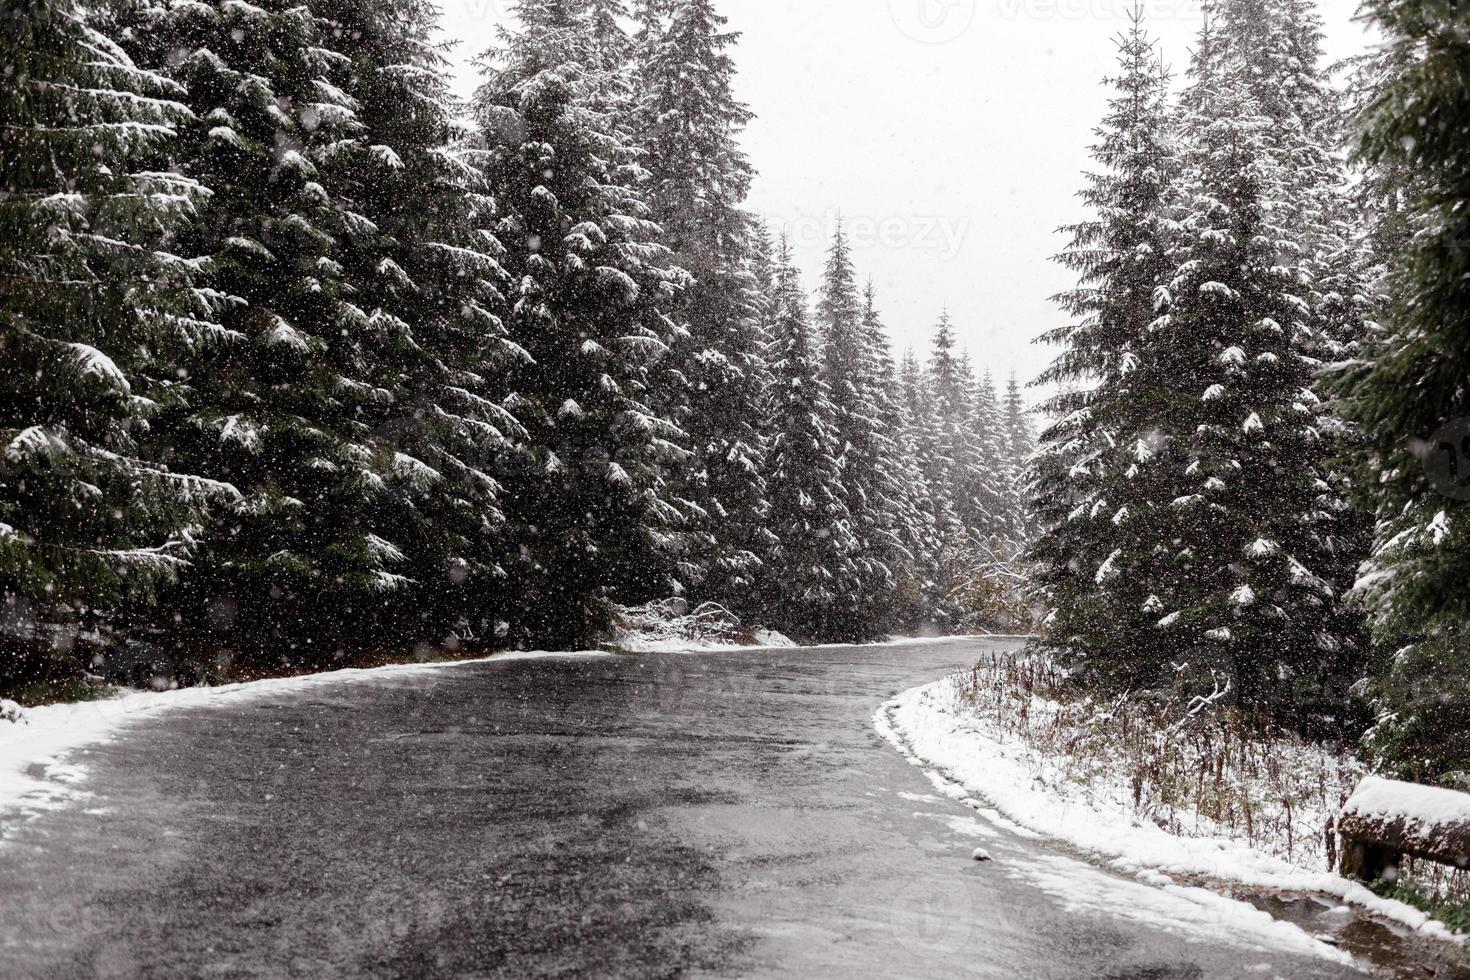 naturskön utsikt över vägen med snö och berg och gigantiska trädbakgrund under vintersäsongen. morske oko foto